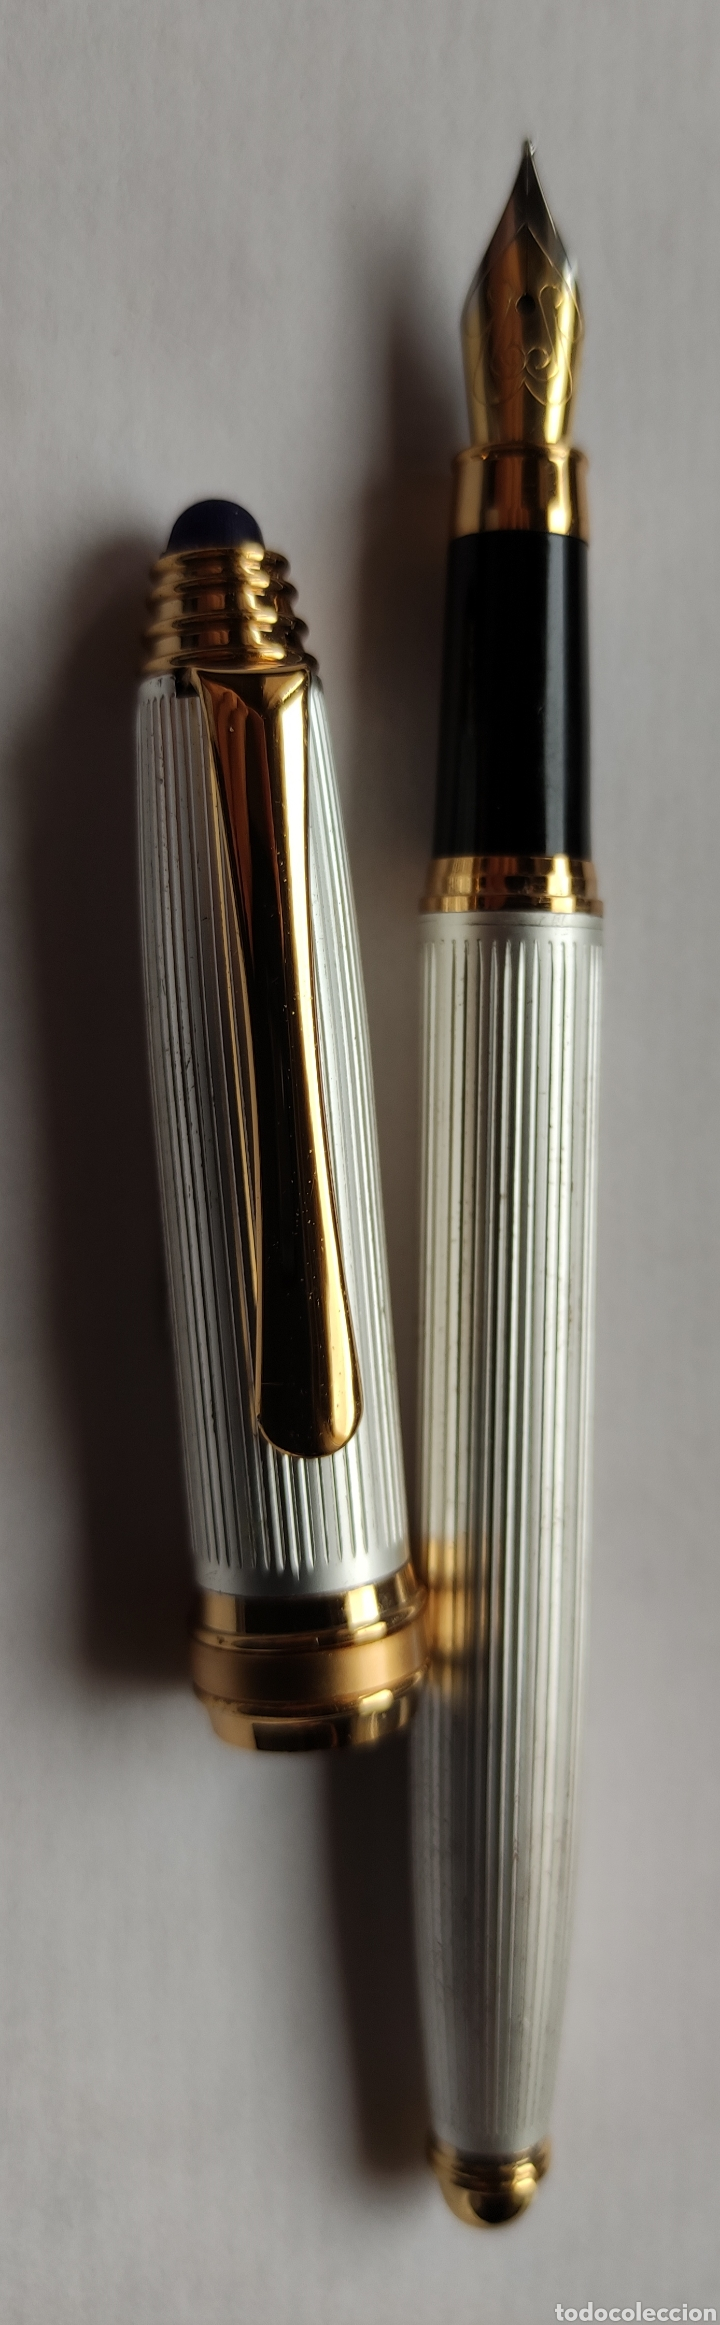 Plumas estilográficas antiguas: Pluma estilografica - Foto 4 - 257861335